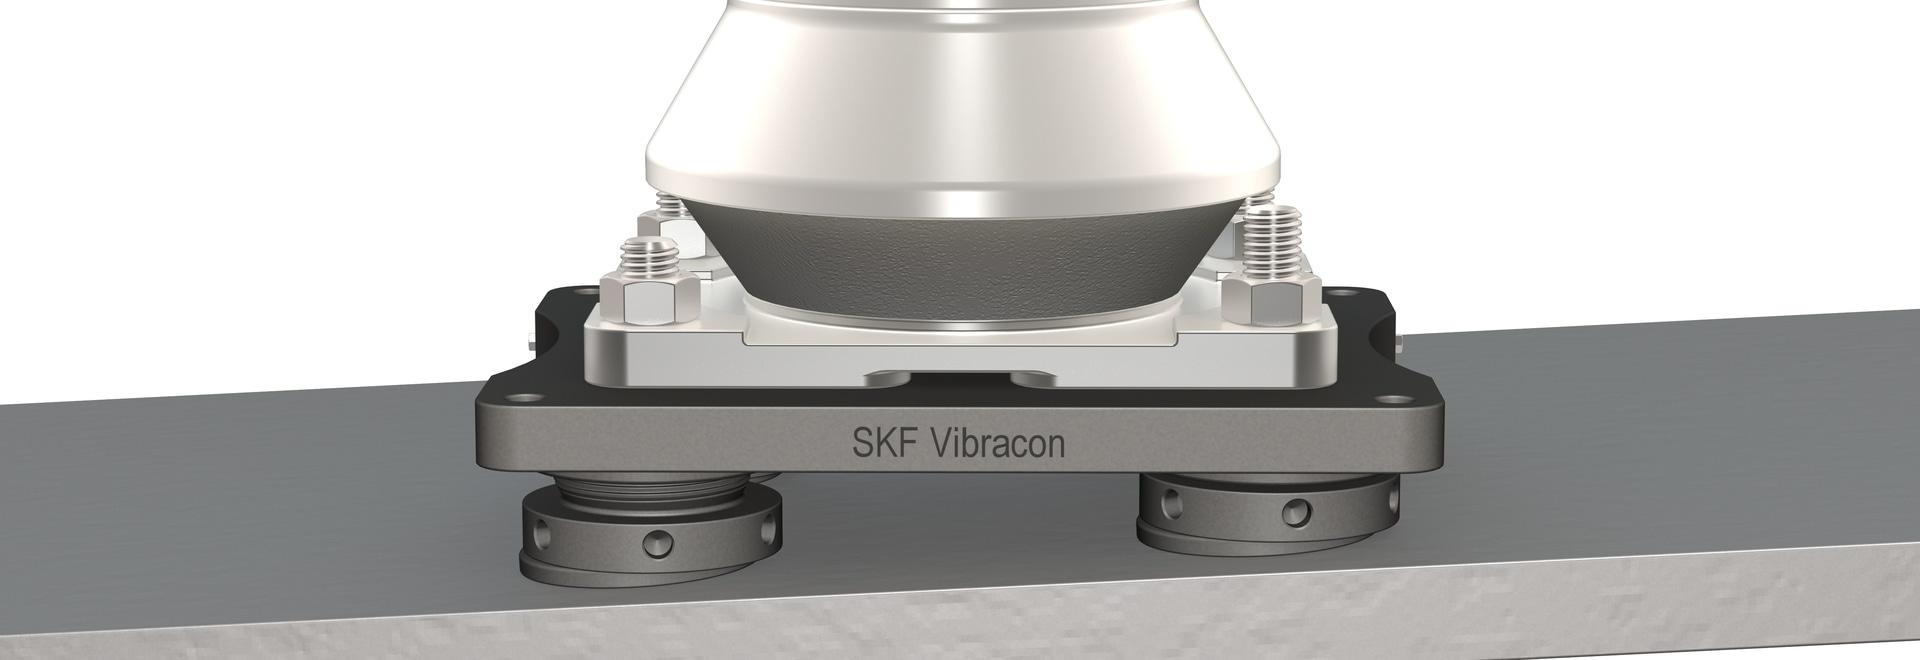 SKF launches resilient mount Vibracon kit at SMM - Nikkelstraat 7